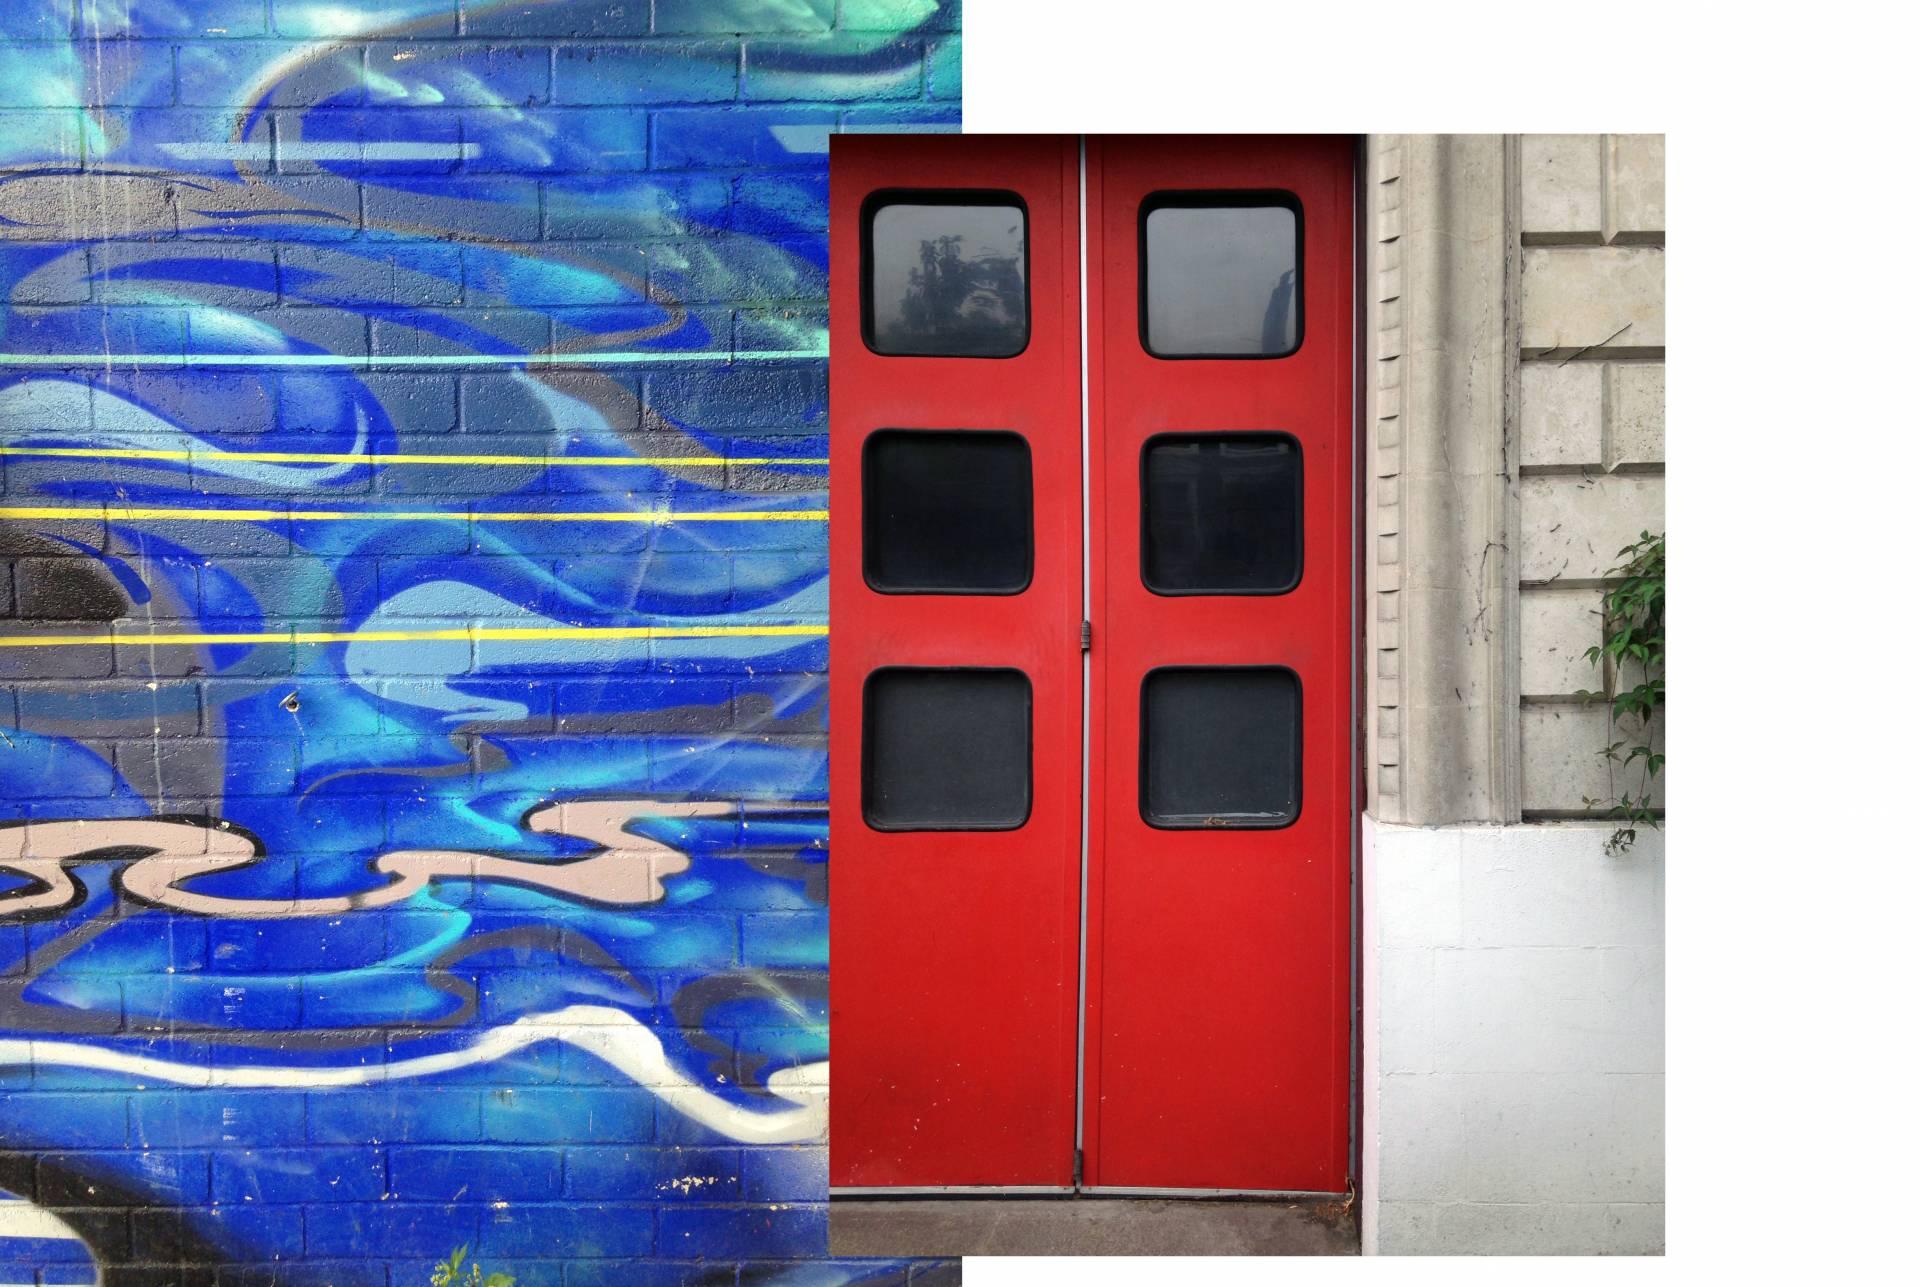 Brixton Culture Urban Street Art